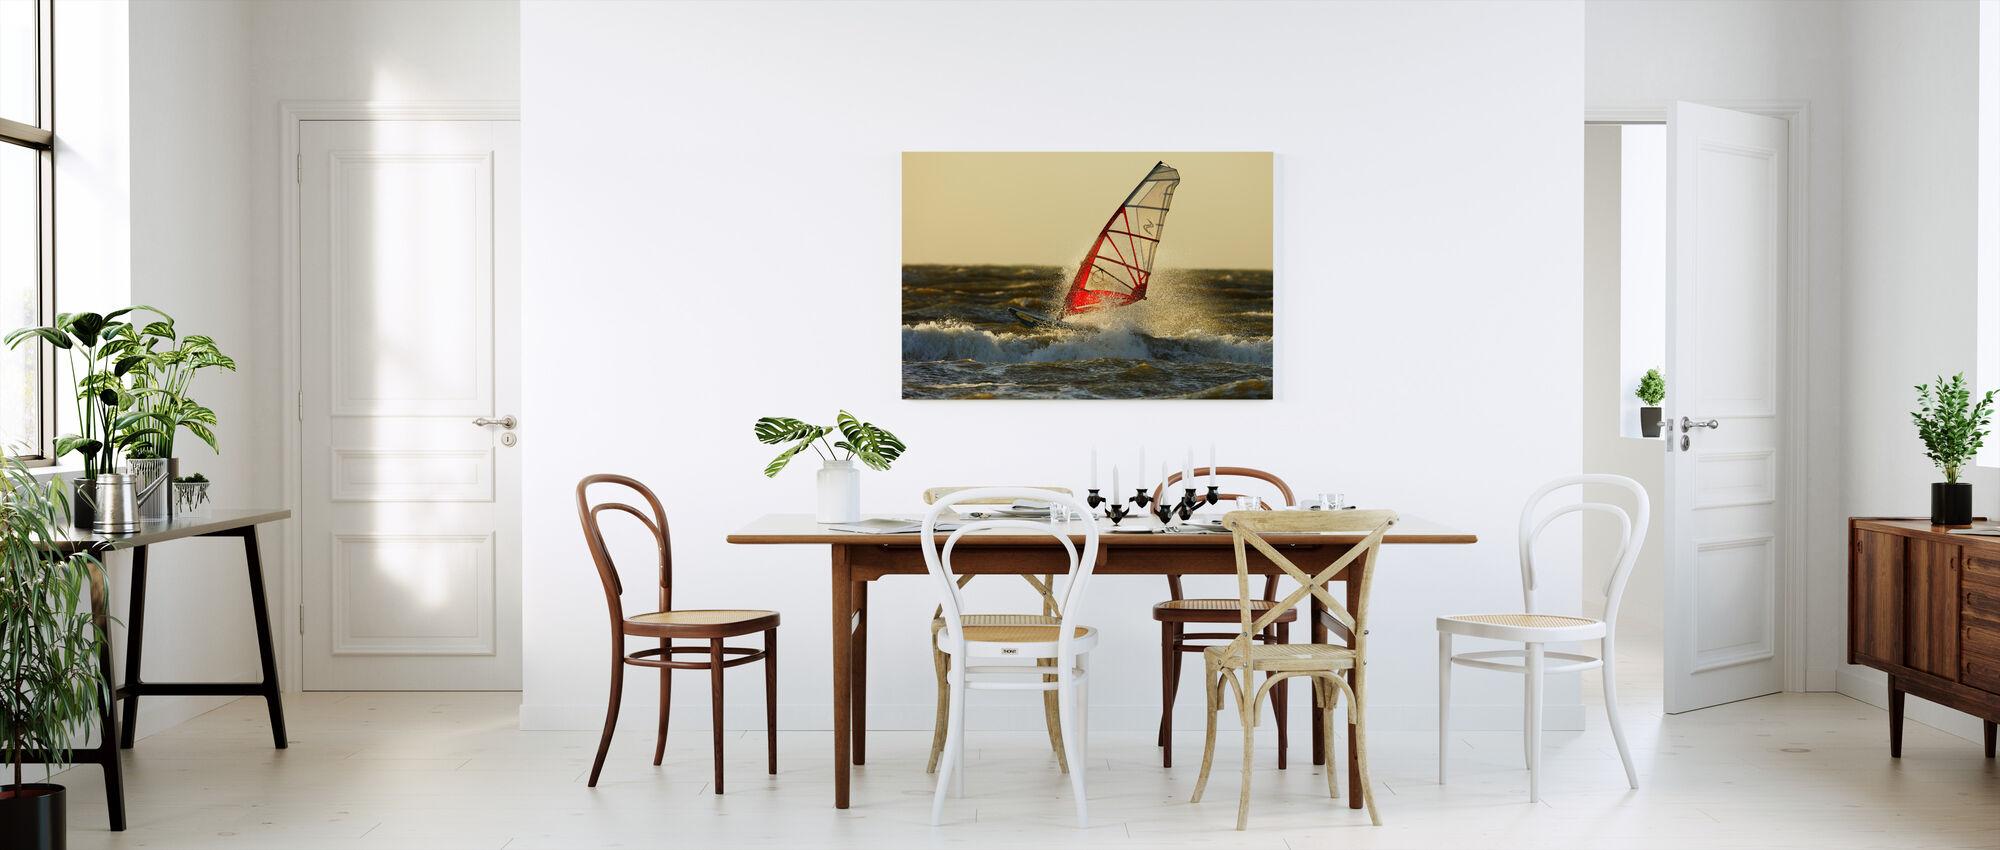 Surfing in Sweden, Europe - Canvas print - Kitchen